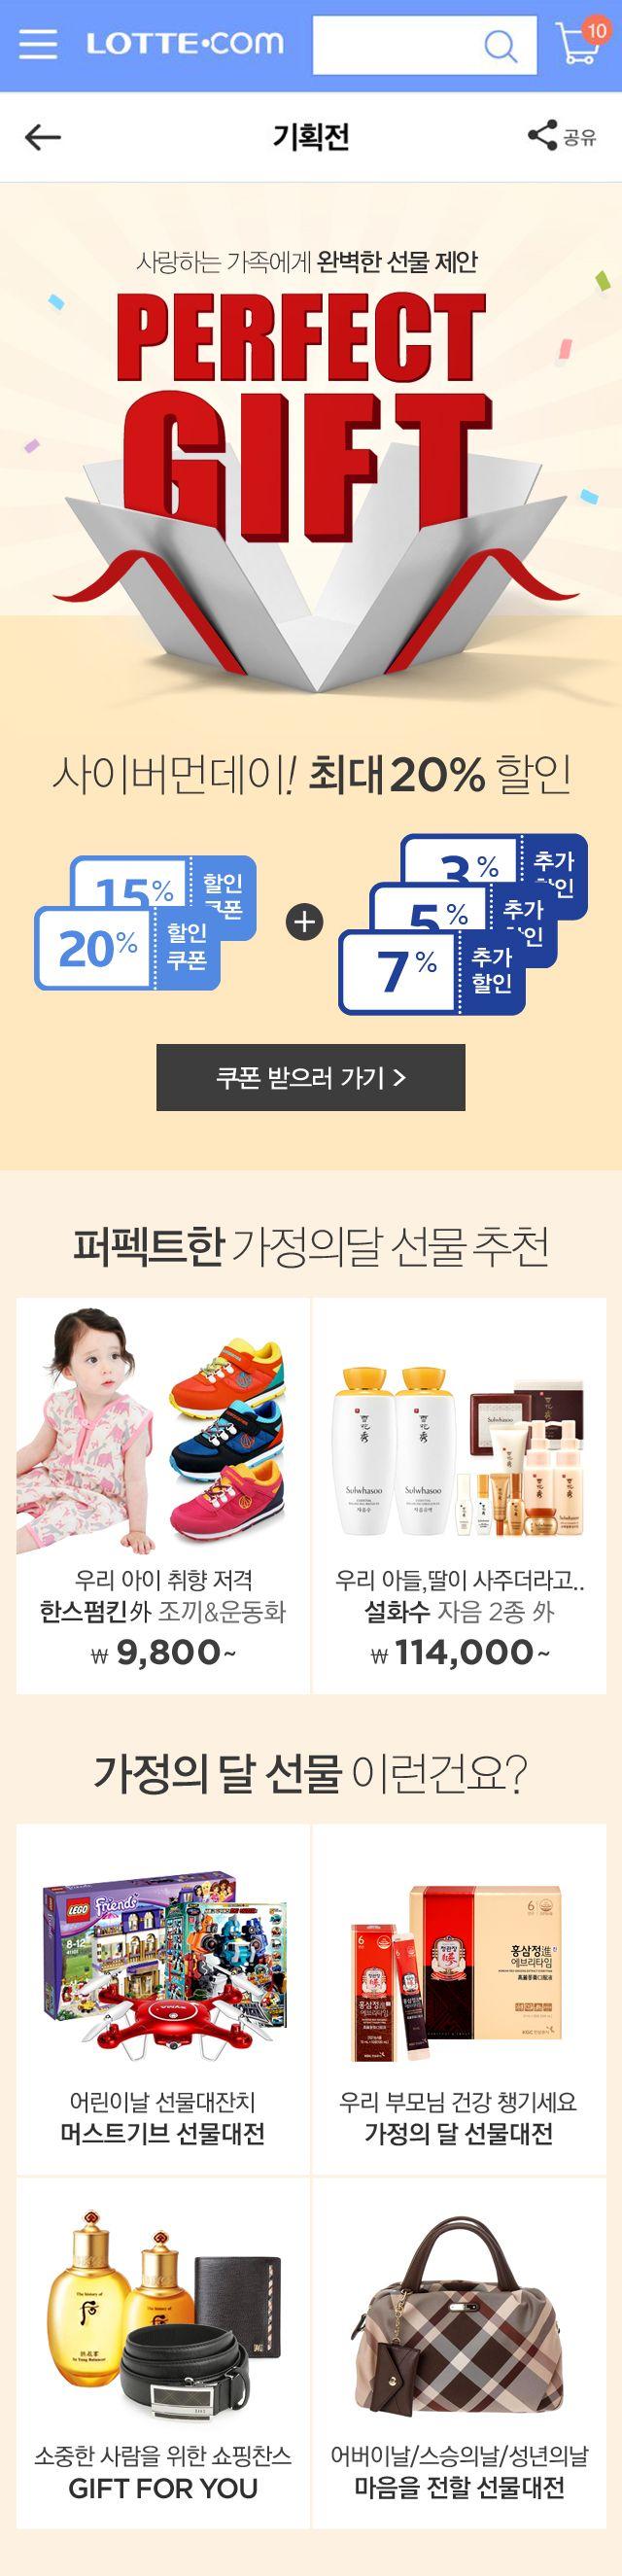 퍼펙트기프트(MO)_마케팅운영팀_170424_Designed by 이나래